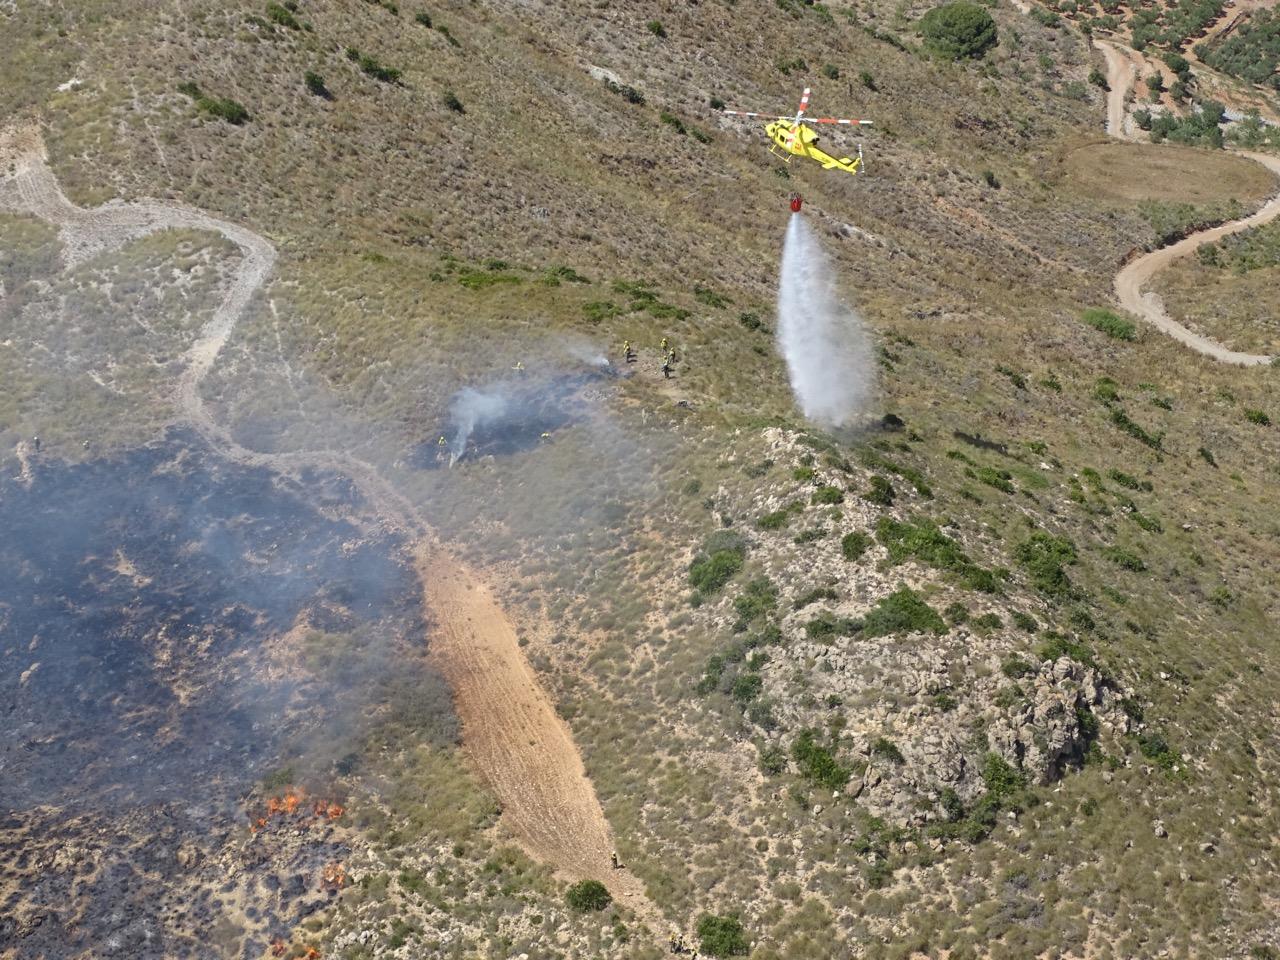 Imágenes facilitadas por la Dirección General del Medio Natural y tomadas desde helicóptero de la DGSCE